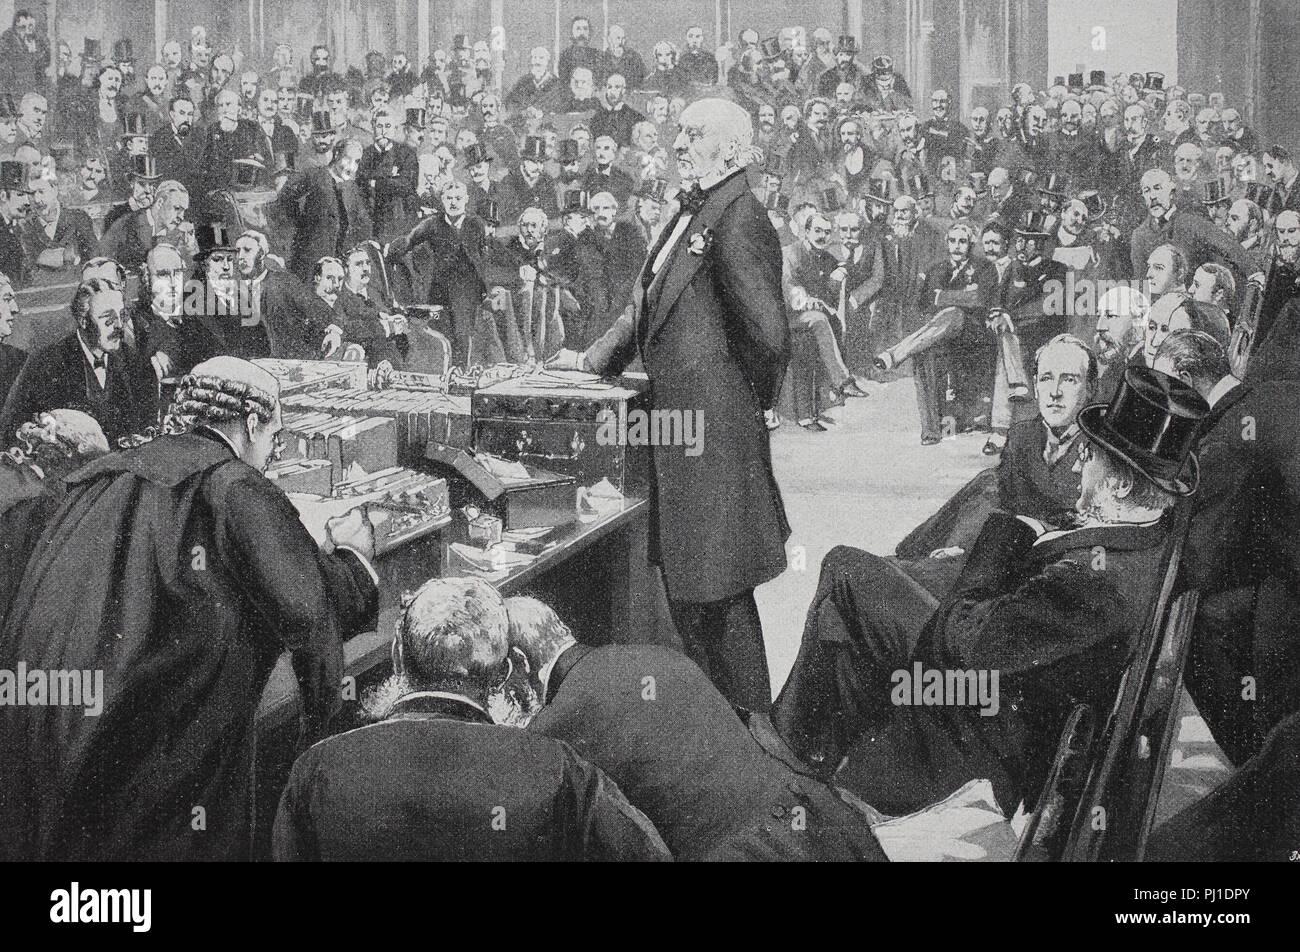 William Ewart Gladstone,, 29. Dezember 1809. - 19. Mai 1898, englischer Staatsmann, präsentiert die Home-Rule-Rechnung auf das englische Unterhaus, digital verbesserte Reproduktion eines woodprint aus dem Jahr 1890 Stockbild